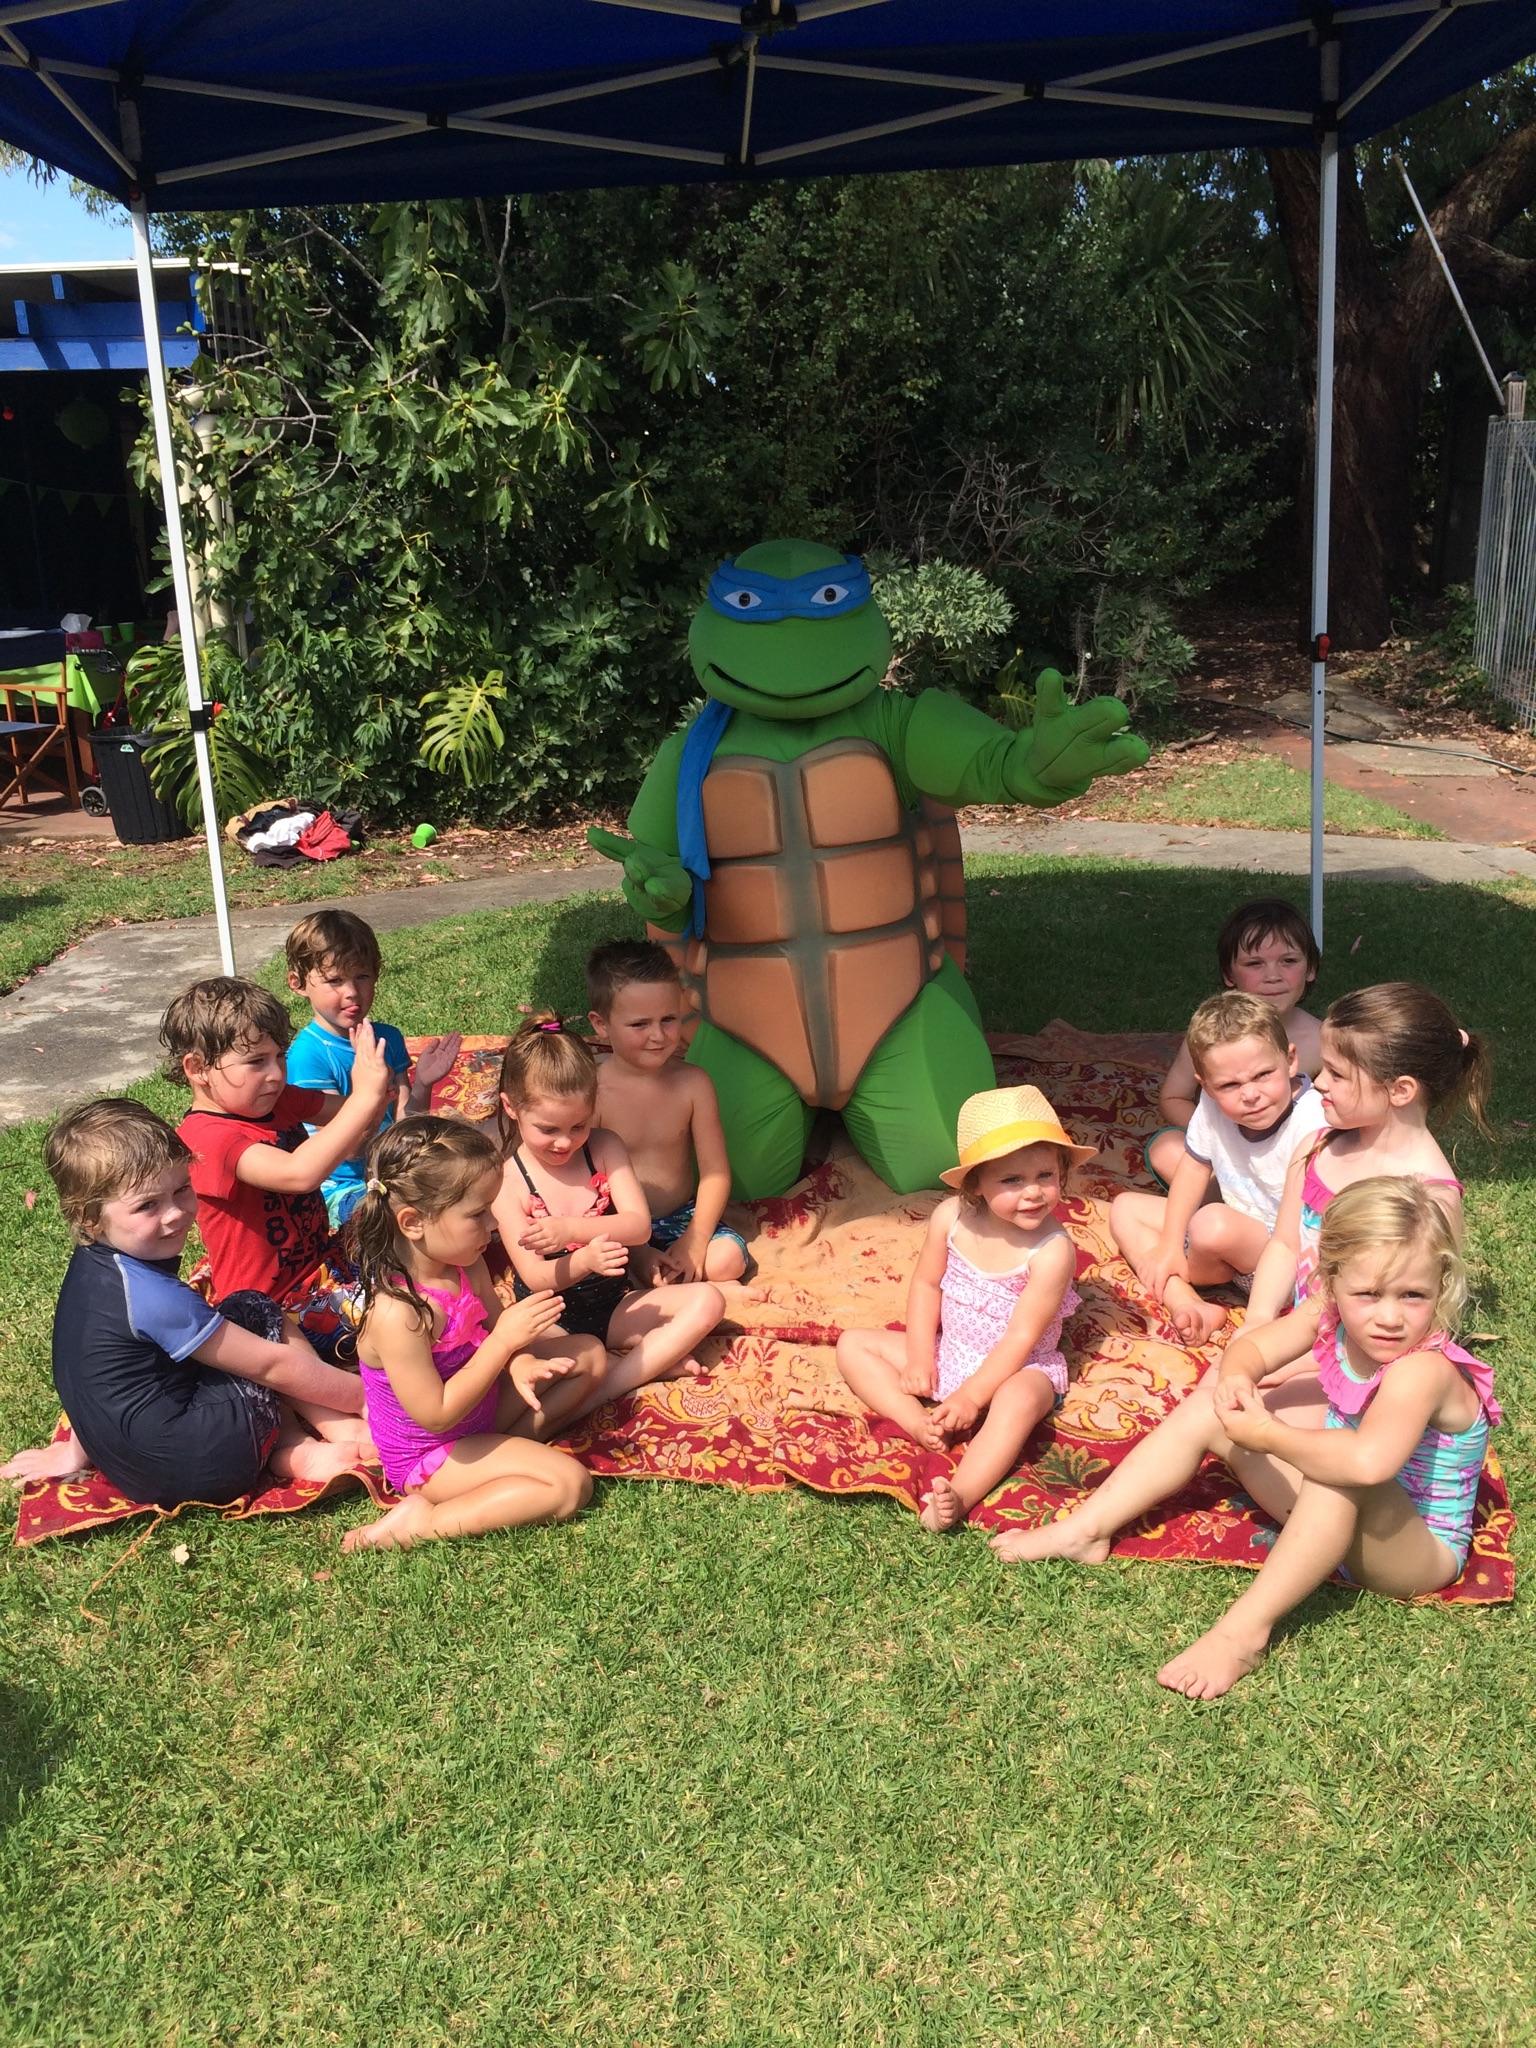 Our special guest visitor Leonardo!